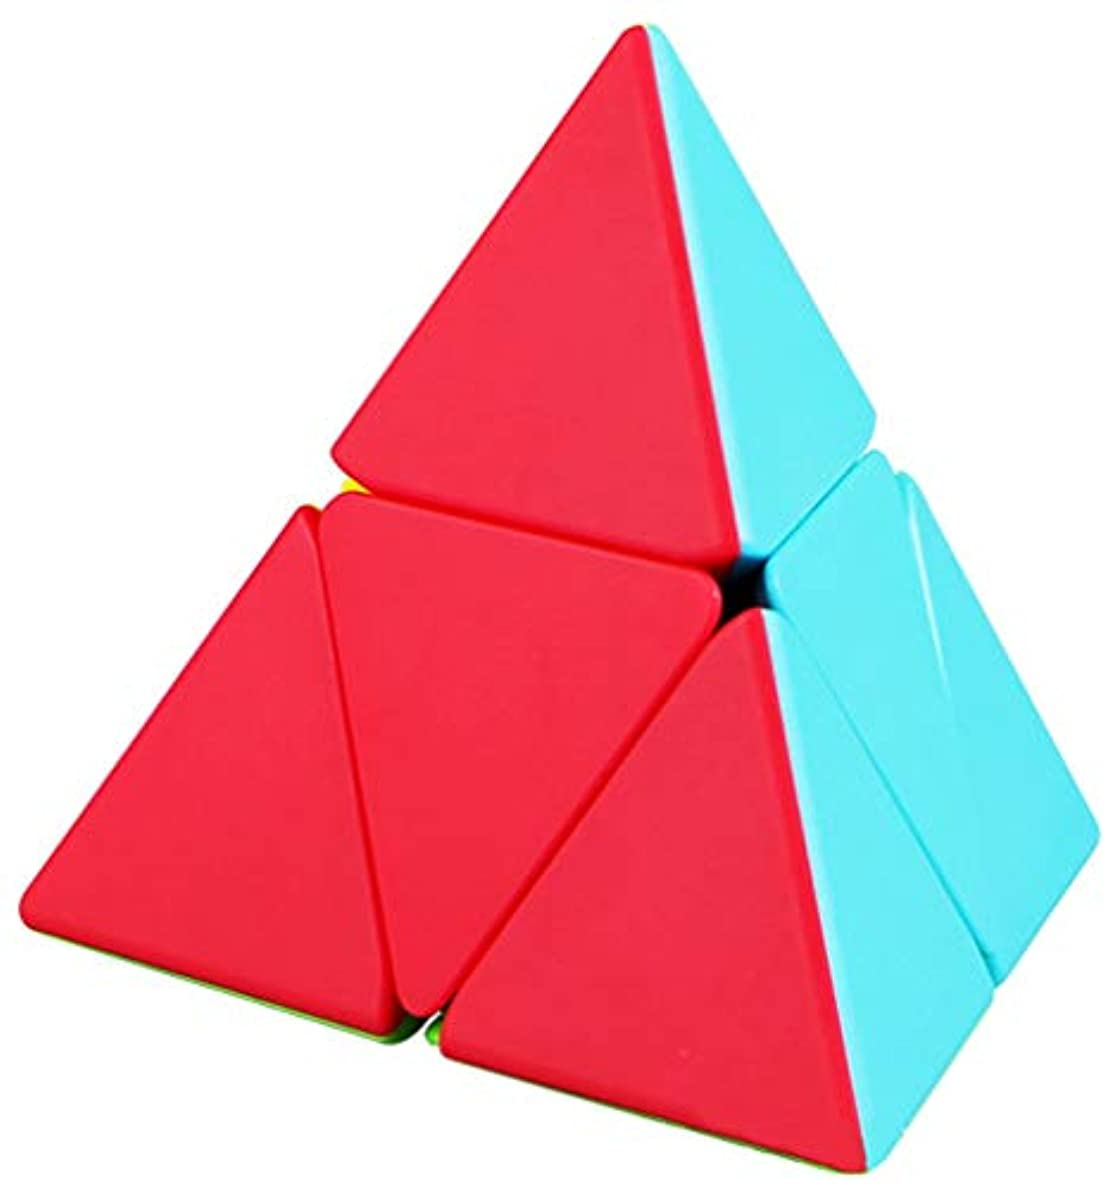 力イーウェル安定しましたTANCH QIYI ピラミッドスピードキューブ 2X2 三角マジックキューブパズル おもちゃ カラフル